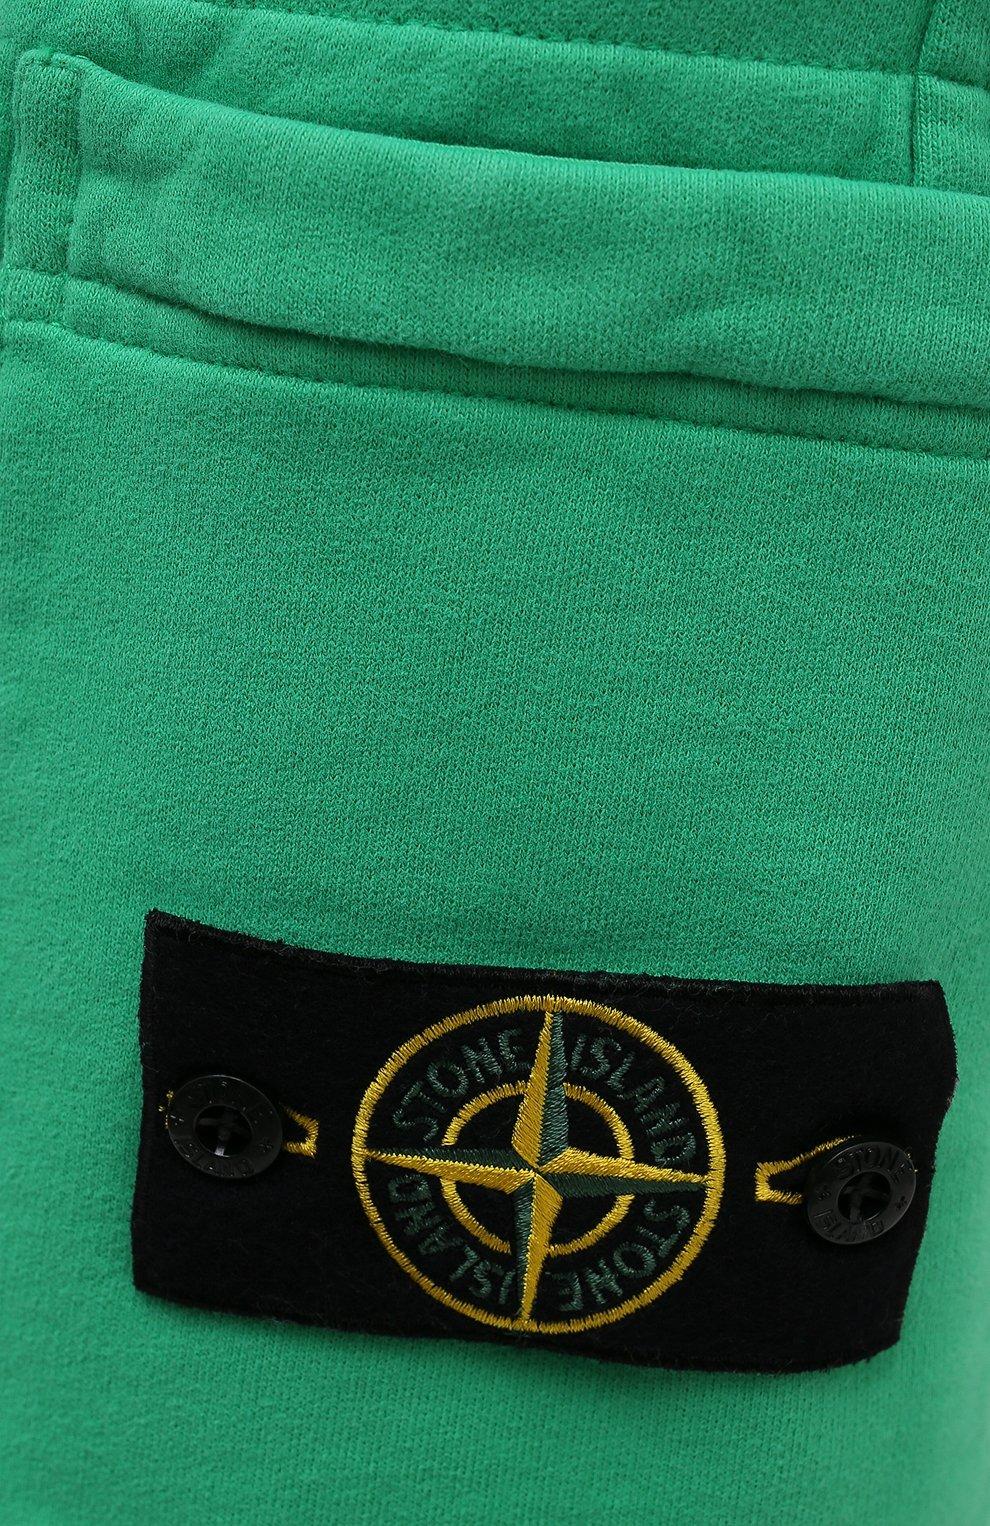 Мужские хлопковые шорты STONE ISLAND зеленого цвета, арт. 751564620 | Фото 5 (Длина Шорты М: До колена; Принт: Без принта; Кросс-КТ: Спорт; Материал внешний: Хлопок; Стили: Спорт-шик)